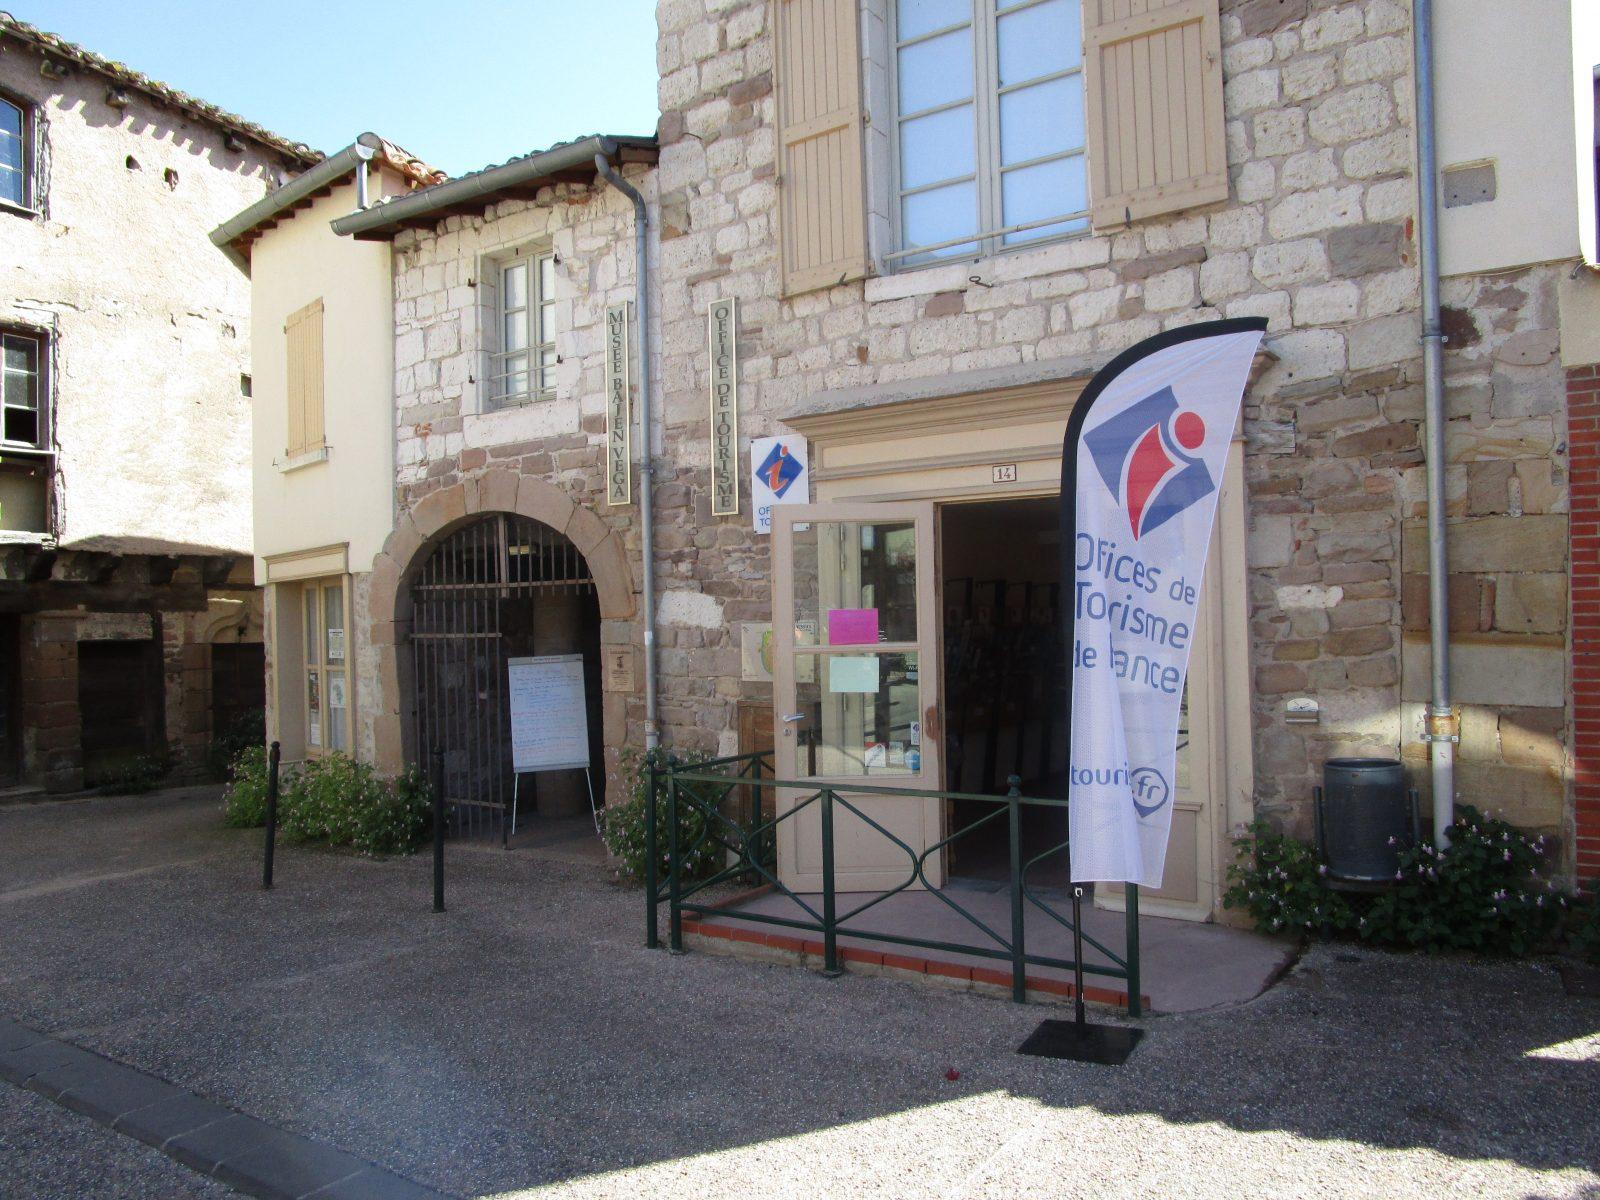 Point d'accueil touristique de Monestiés